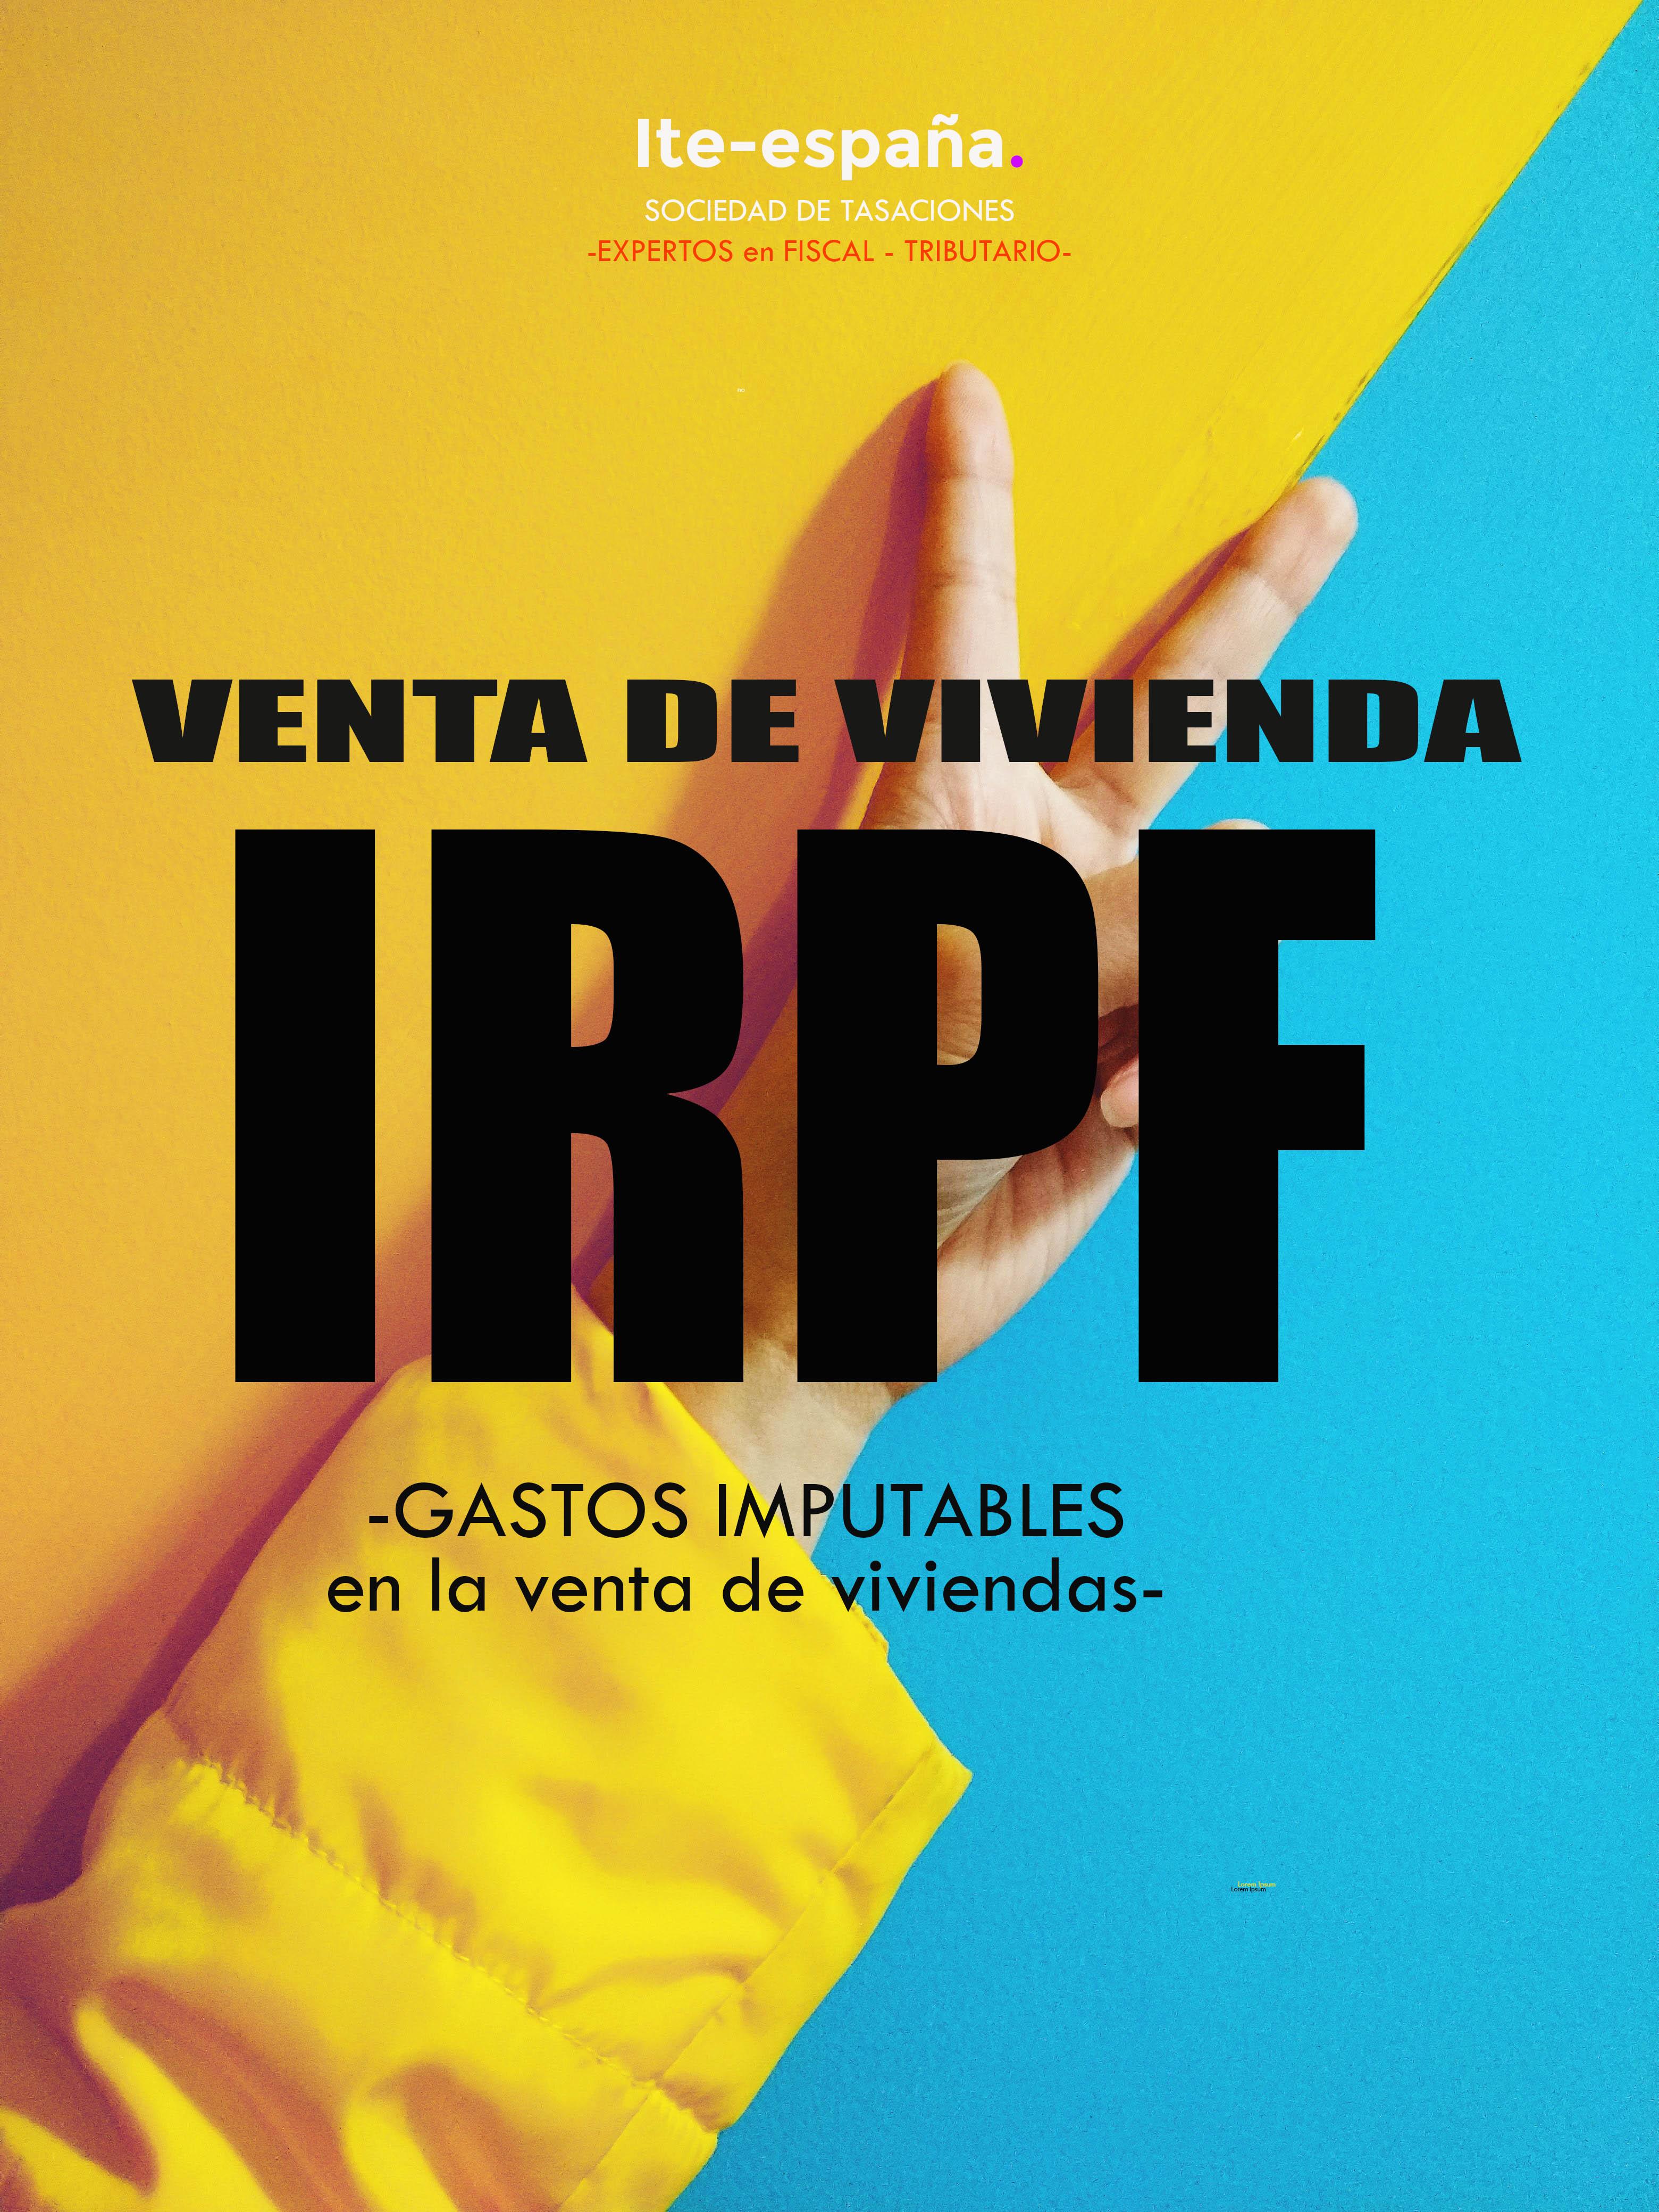 qué gastos puedo imputar en la renta en la venta de una vivienda en renta 2019 IRPF